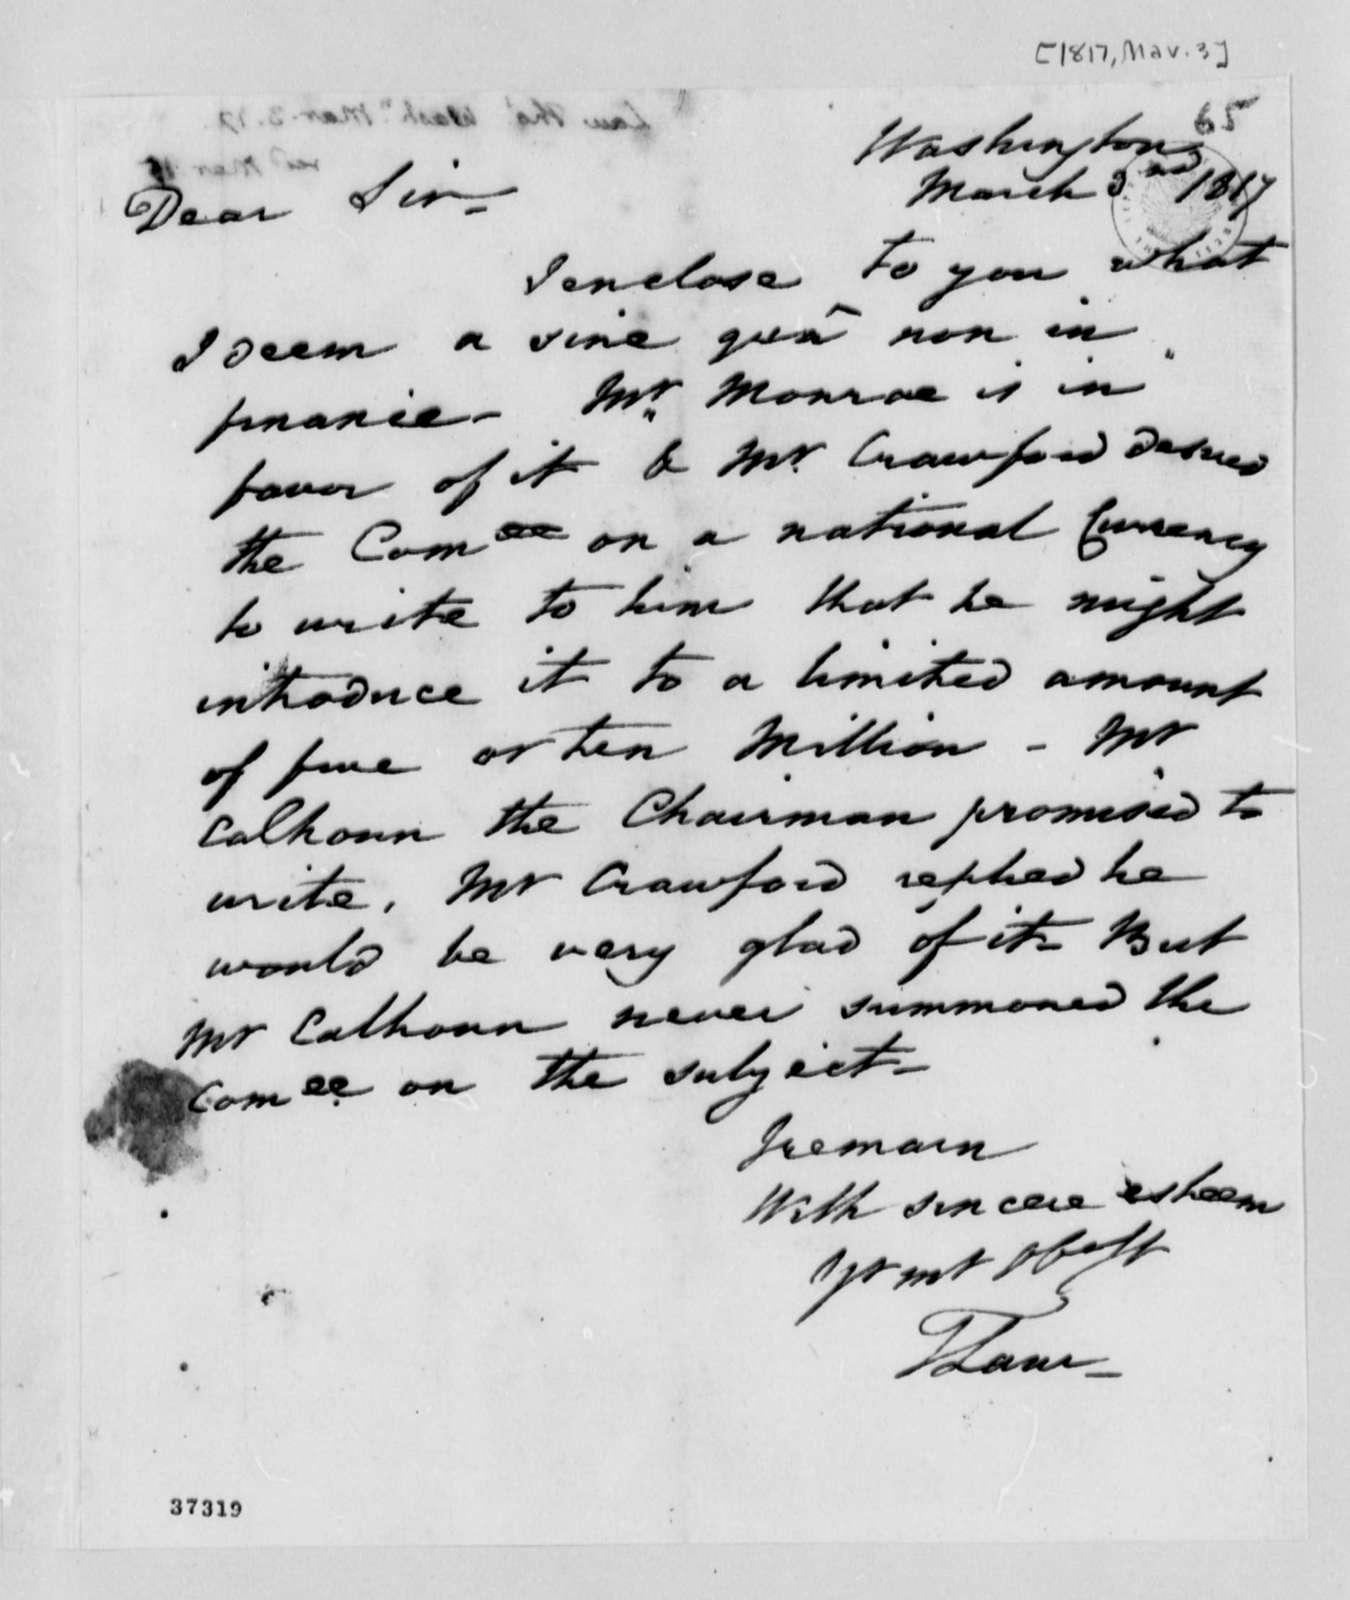 Thomas Law to Thomas Jefferson, March 3, 1817